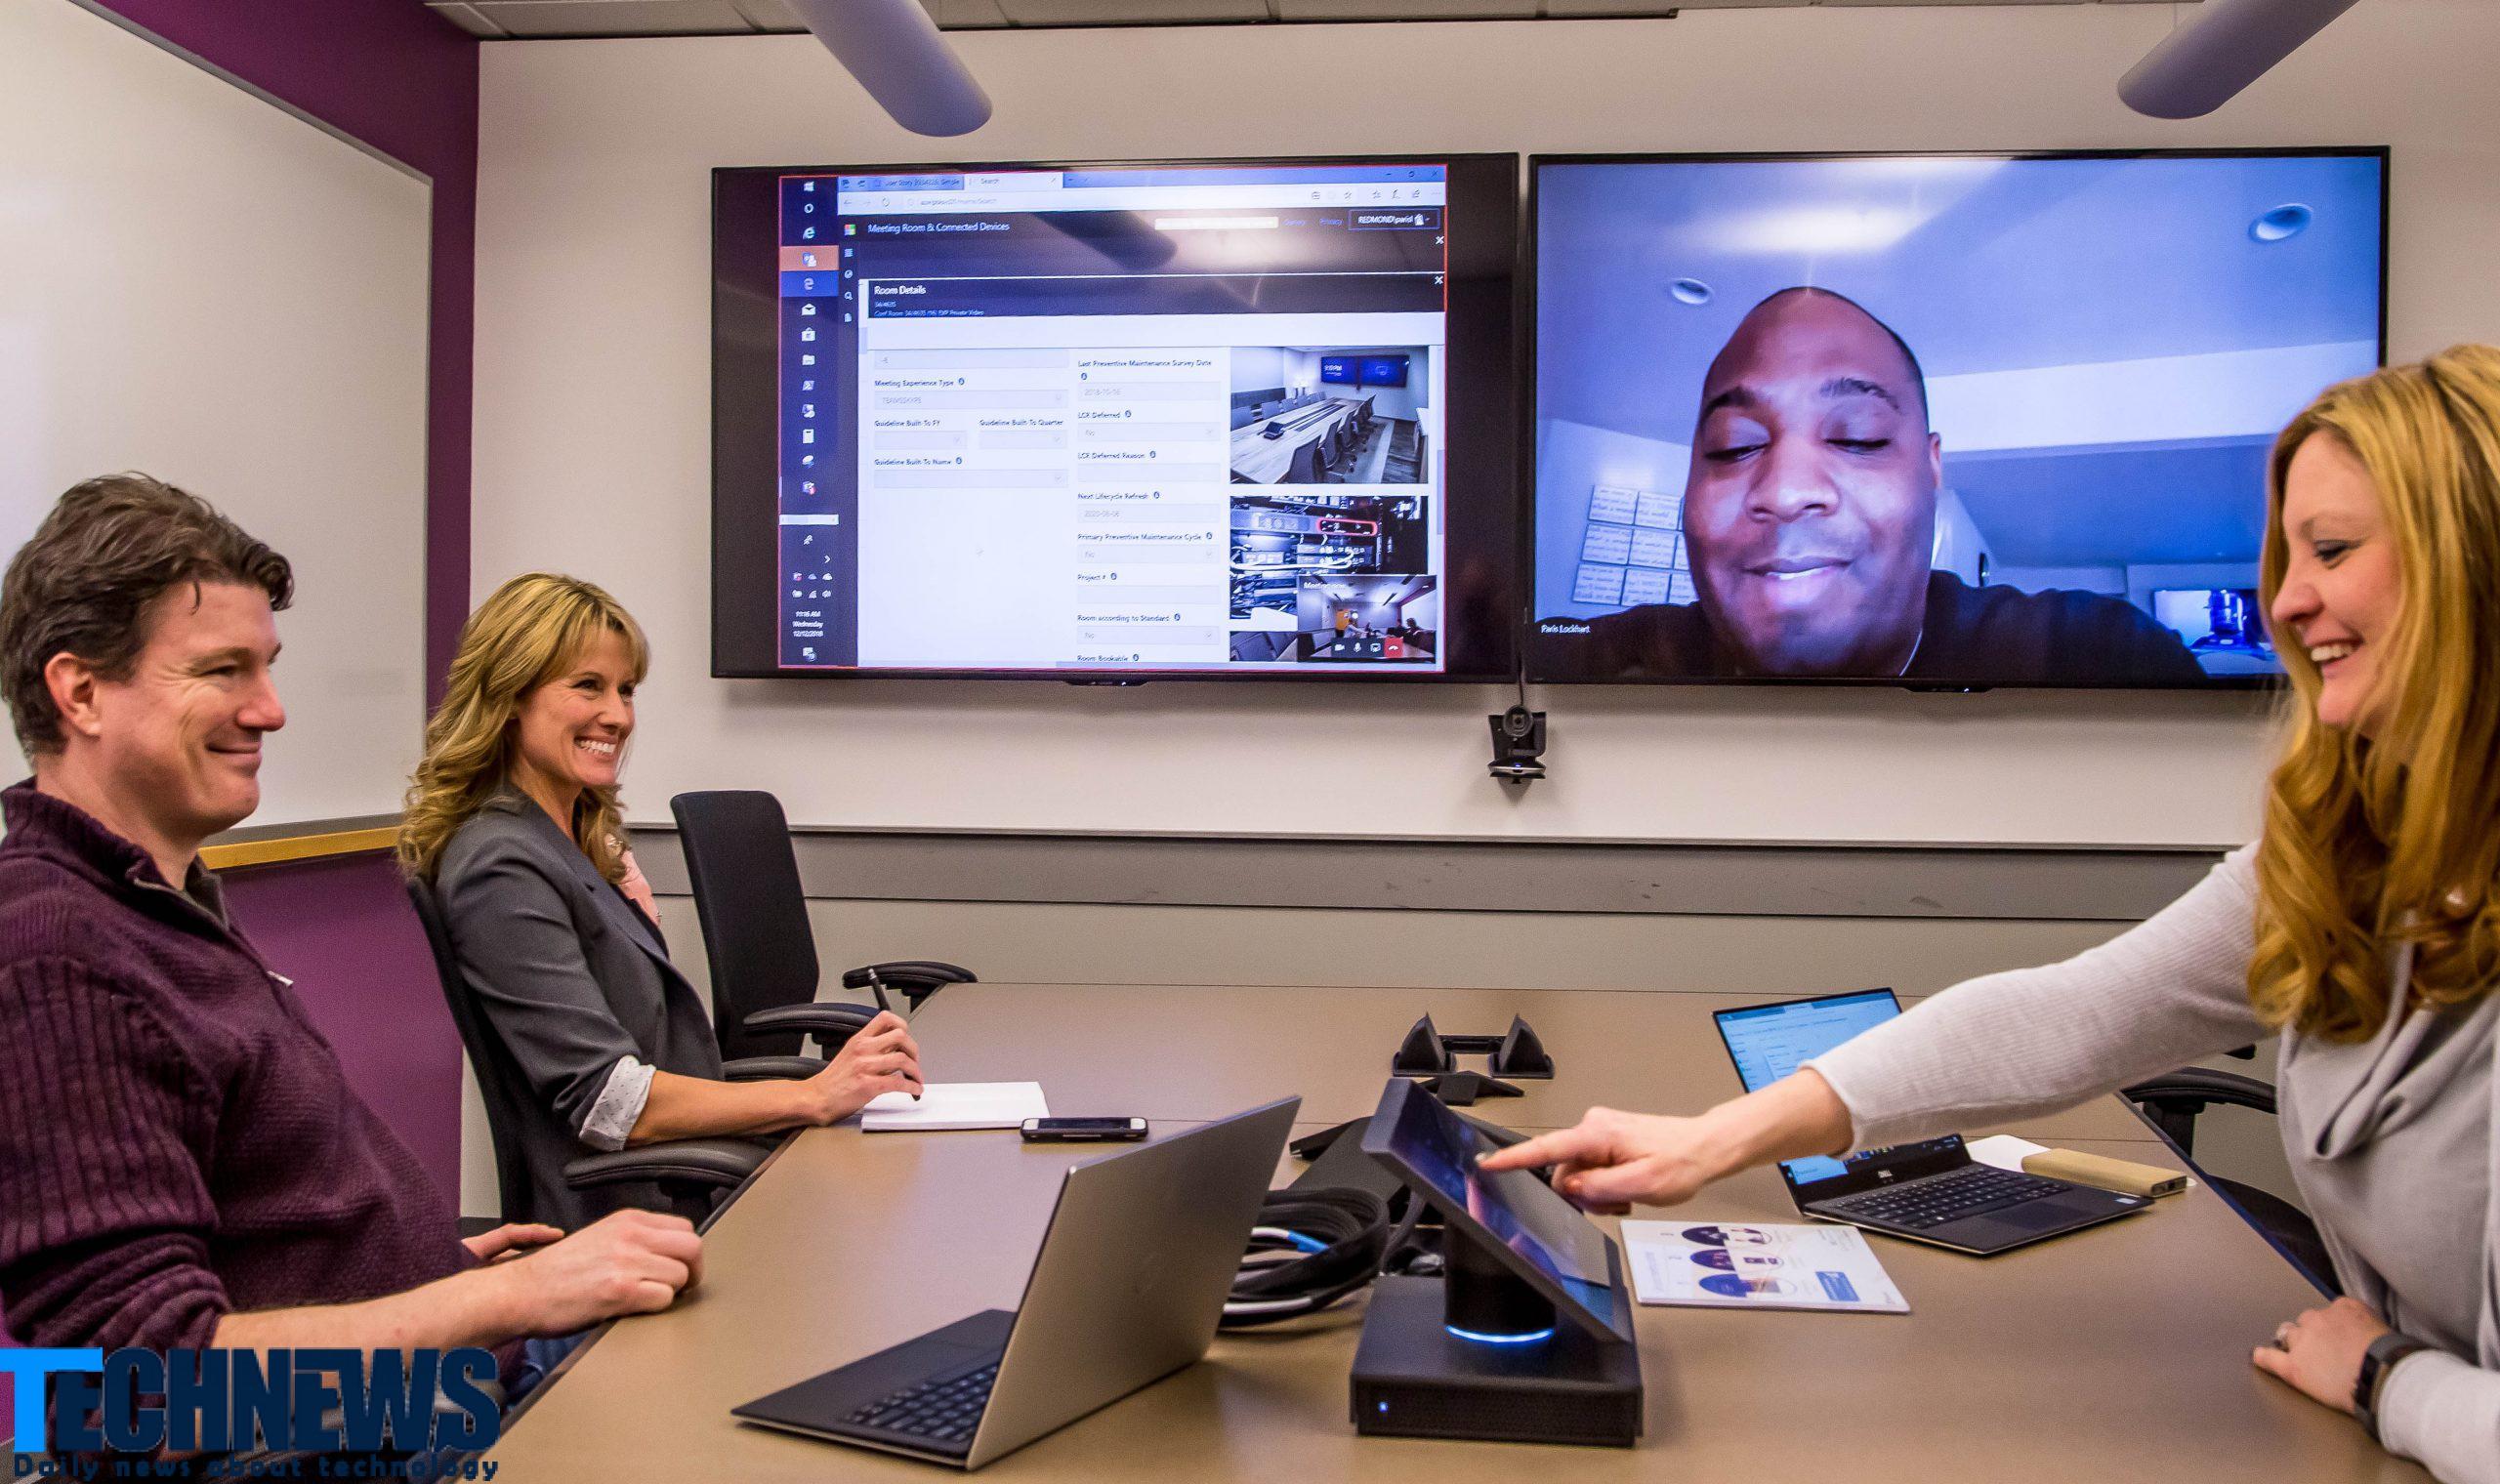 فناوری جدید مایکروسافت به جلسات آنلاین و رفتار شرکتکنندگان امتیاز میدهد